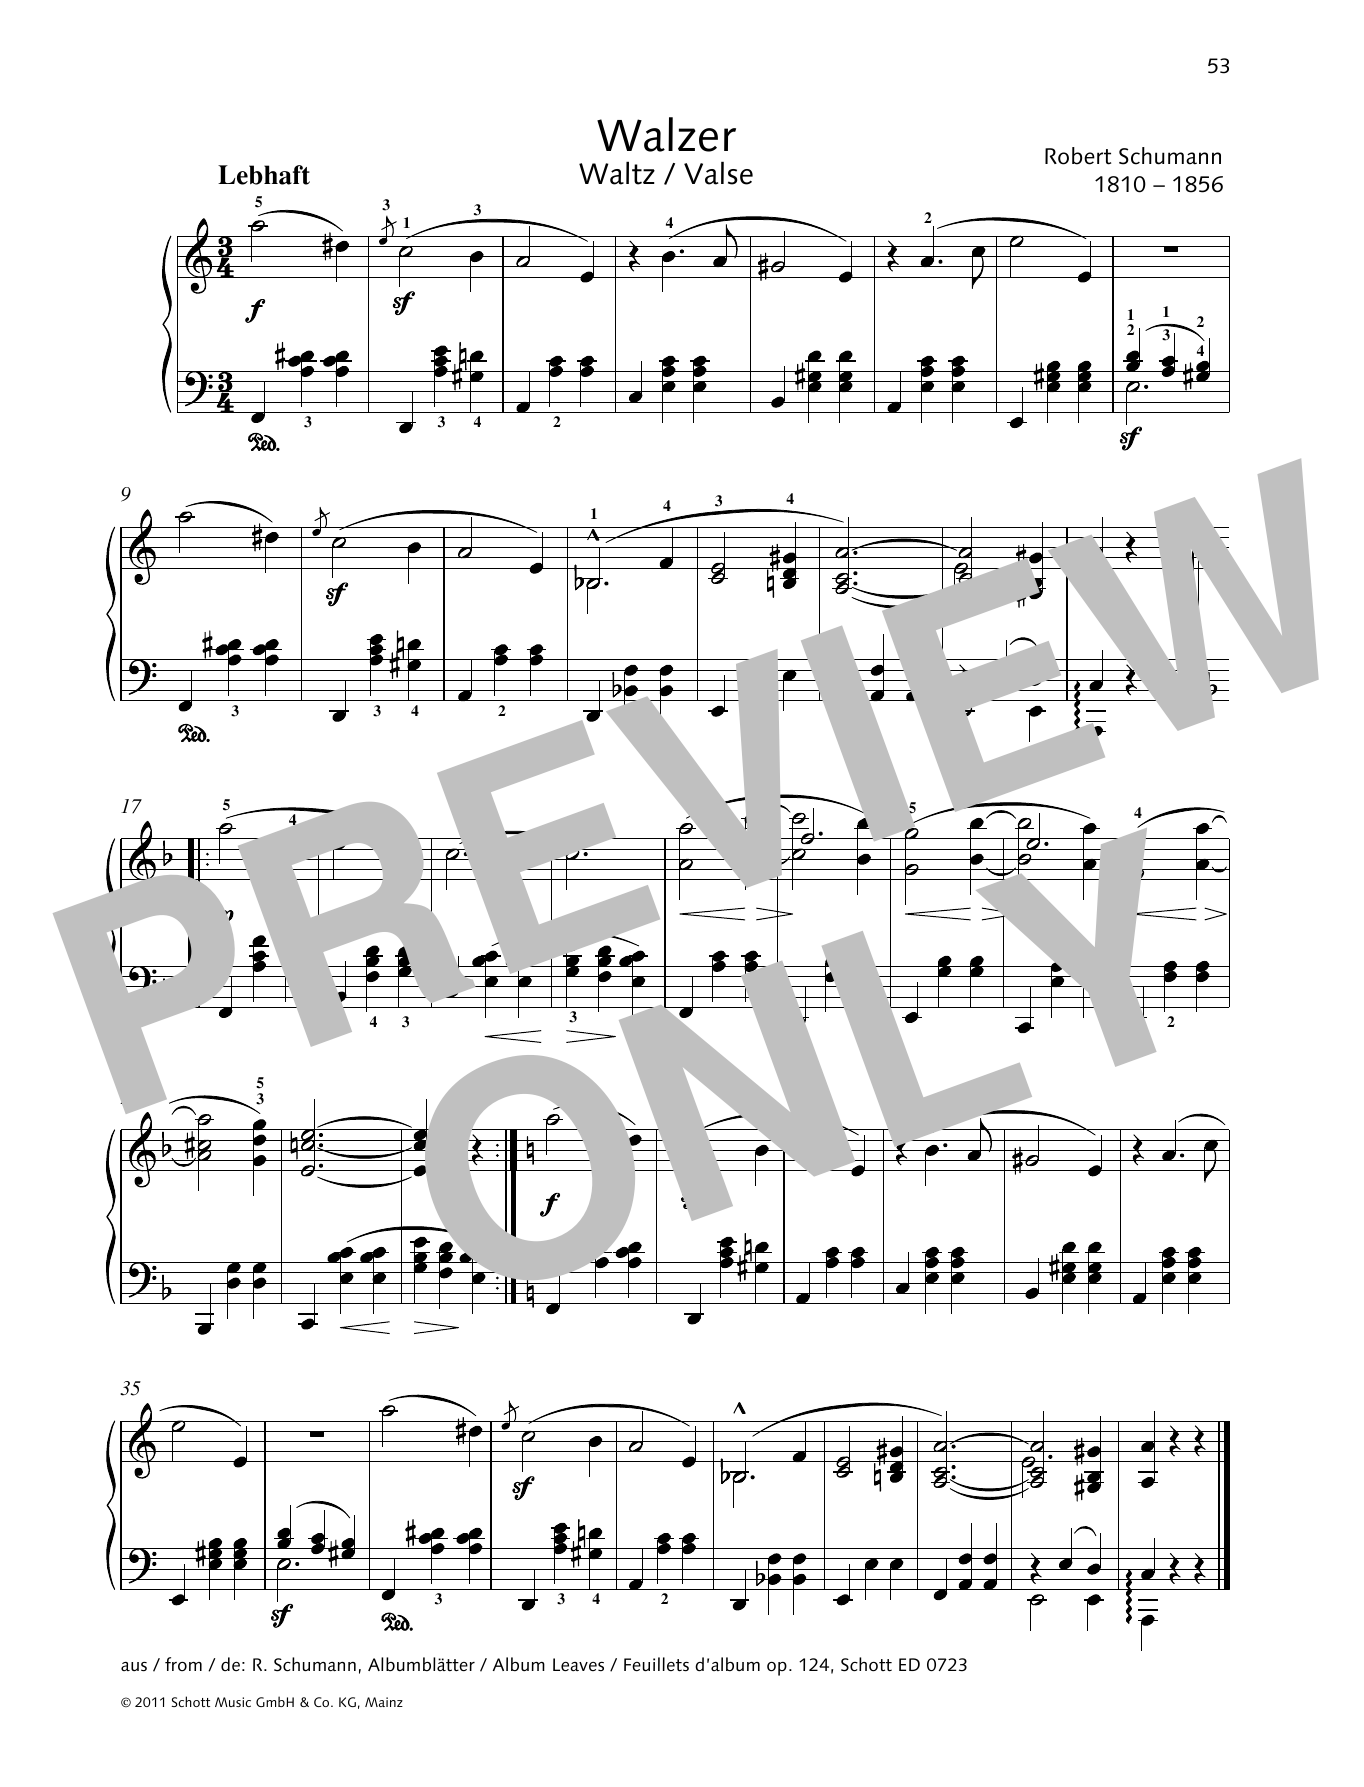 Waltz Sheet Music